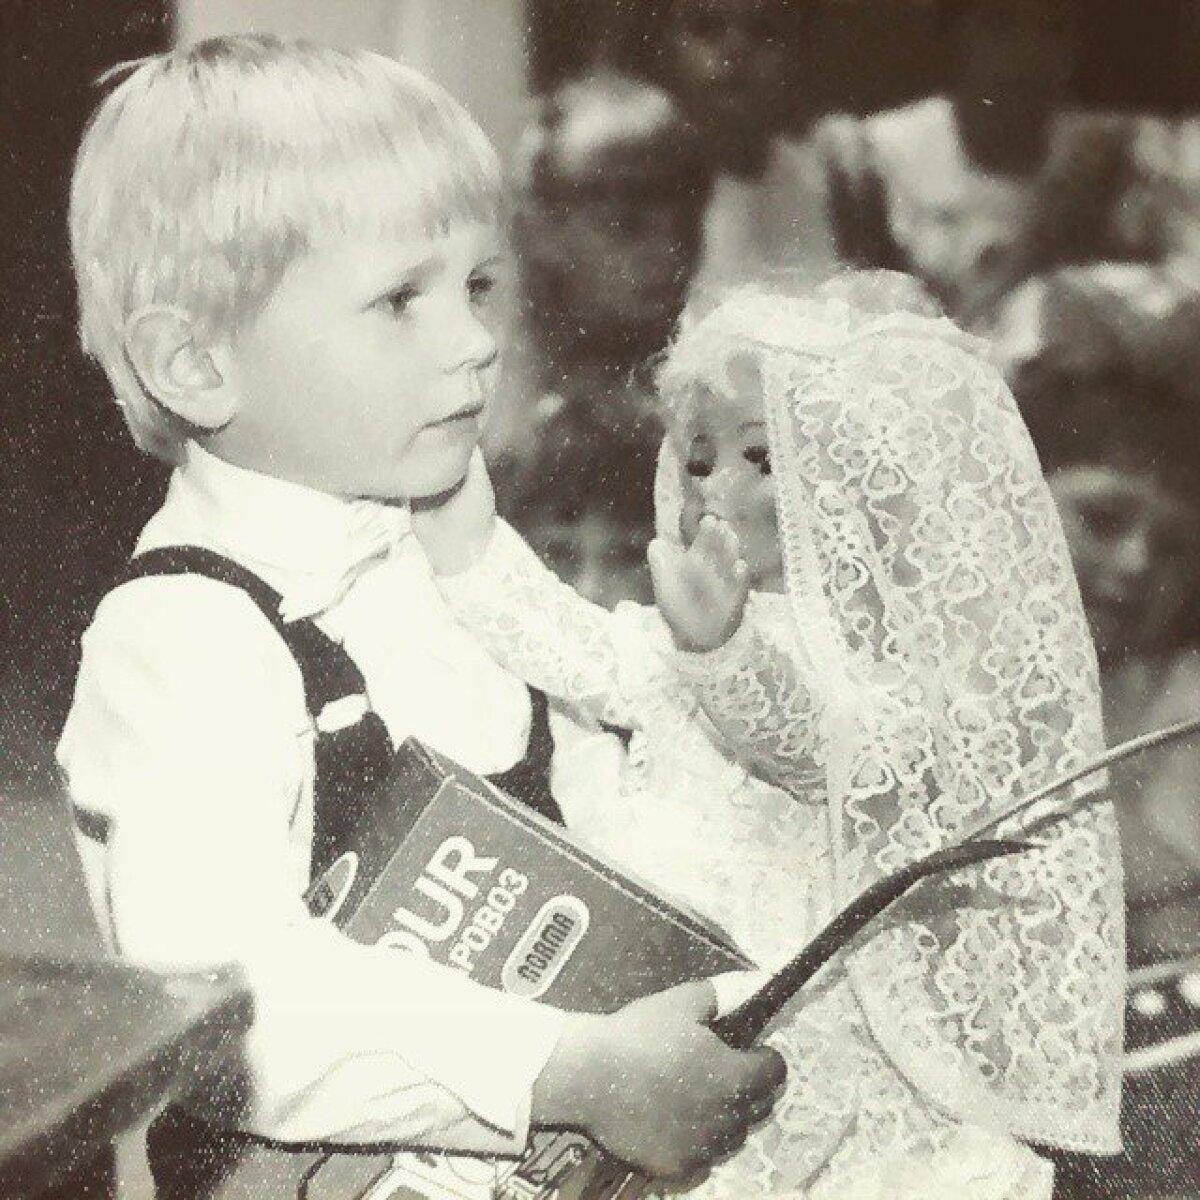 Elu esimene lauluvõistlus, vanust 4 aastat ja ega ma päris täpselt siis veel aru ei saanud, mis toimus. Publiku lemmiku auhinnaks saadud nukk pea sama suur kui mina (1988).